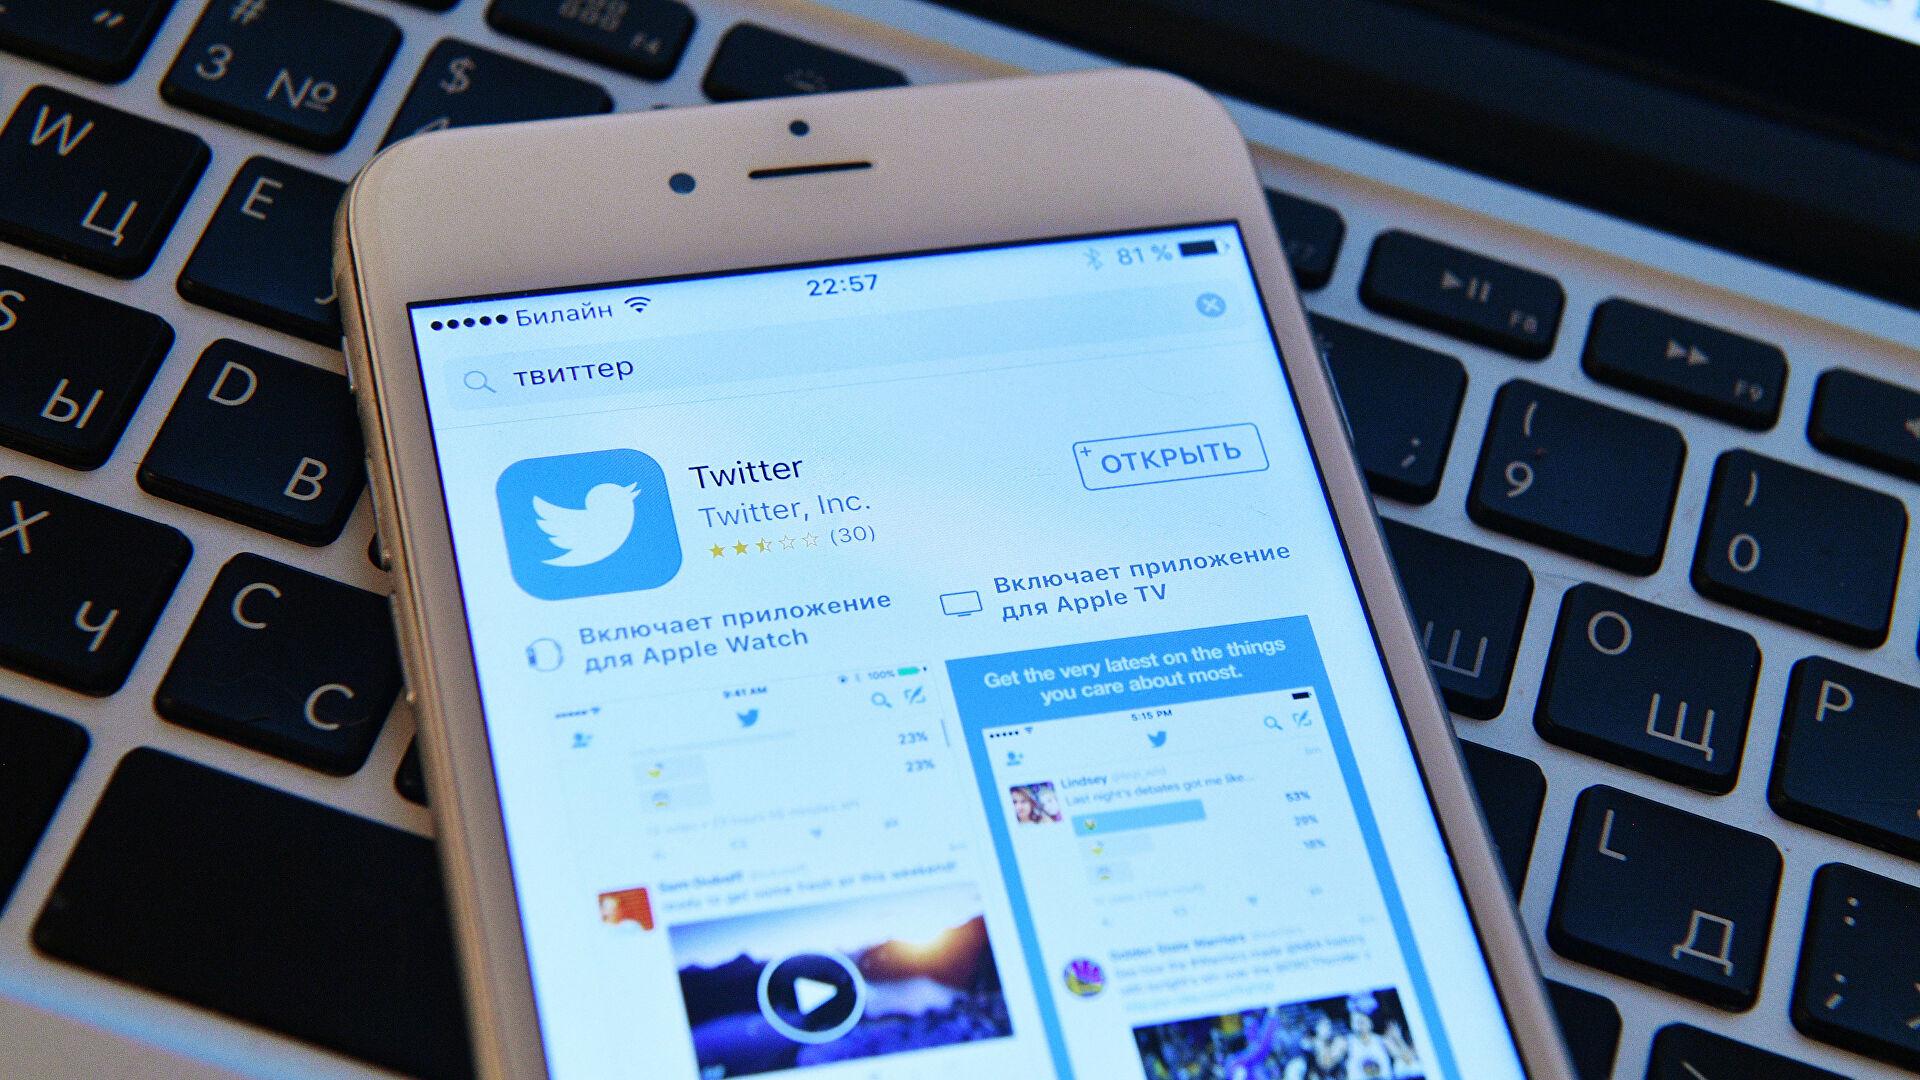 """""""Роскомнадзор"""" успорио брзину Твитера под претњом блокирања ако не укллони спорне садржаје"""